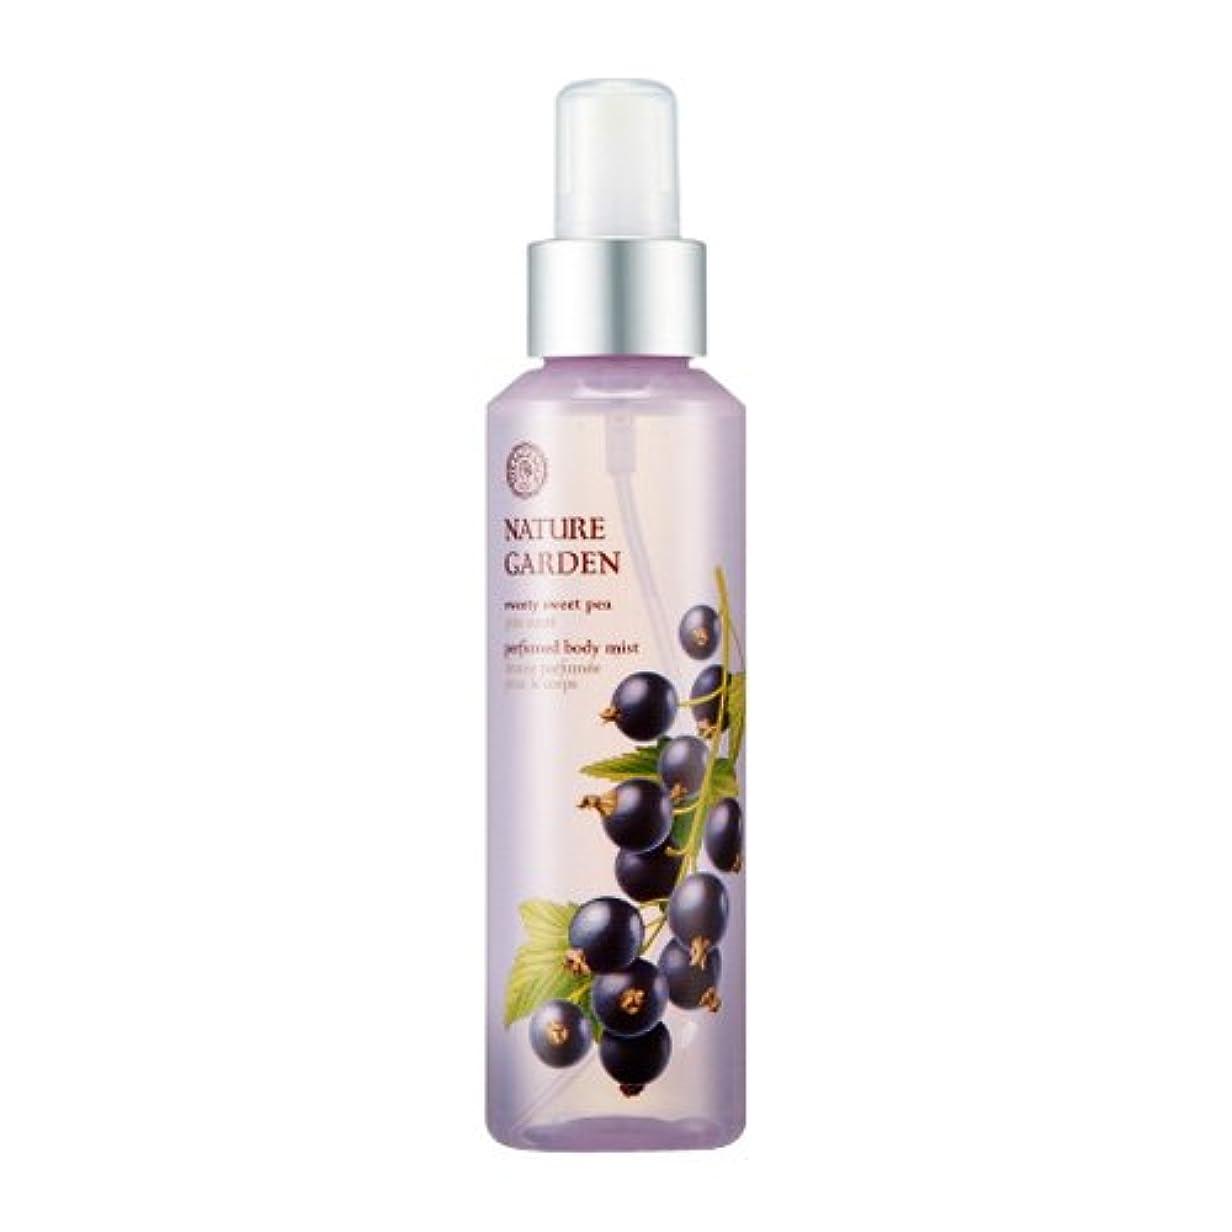 湖社会科一般化するTHE FACE SHOP NATURE GARDEN (Sweety Sweet Pea) Perfume Body Mist 155ml / ザ?フェイスショップ ネイチャーガーデン パフューム ボディミスト [並行輸入品]